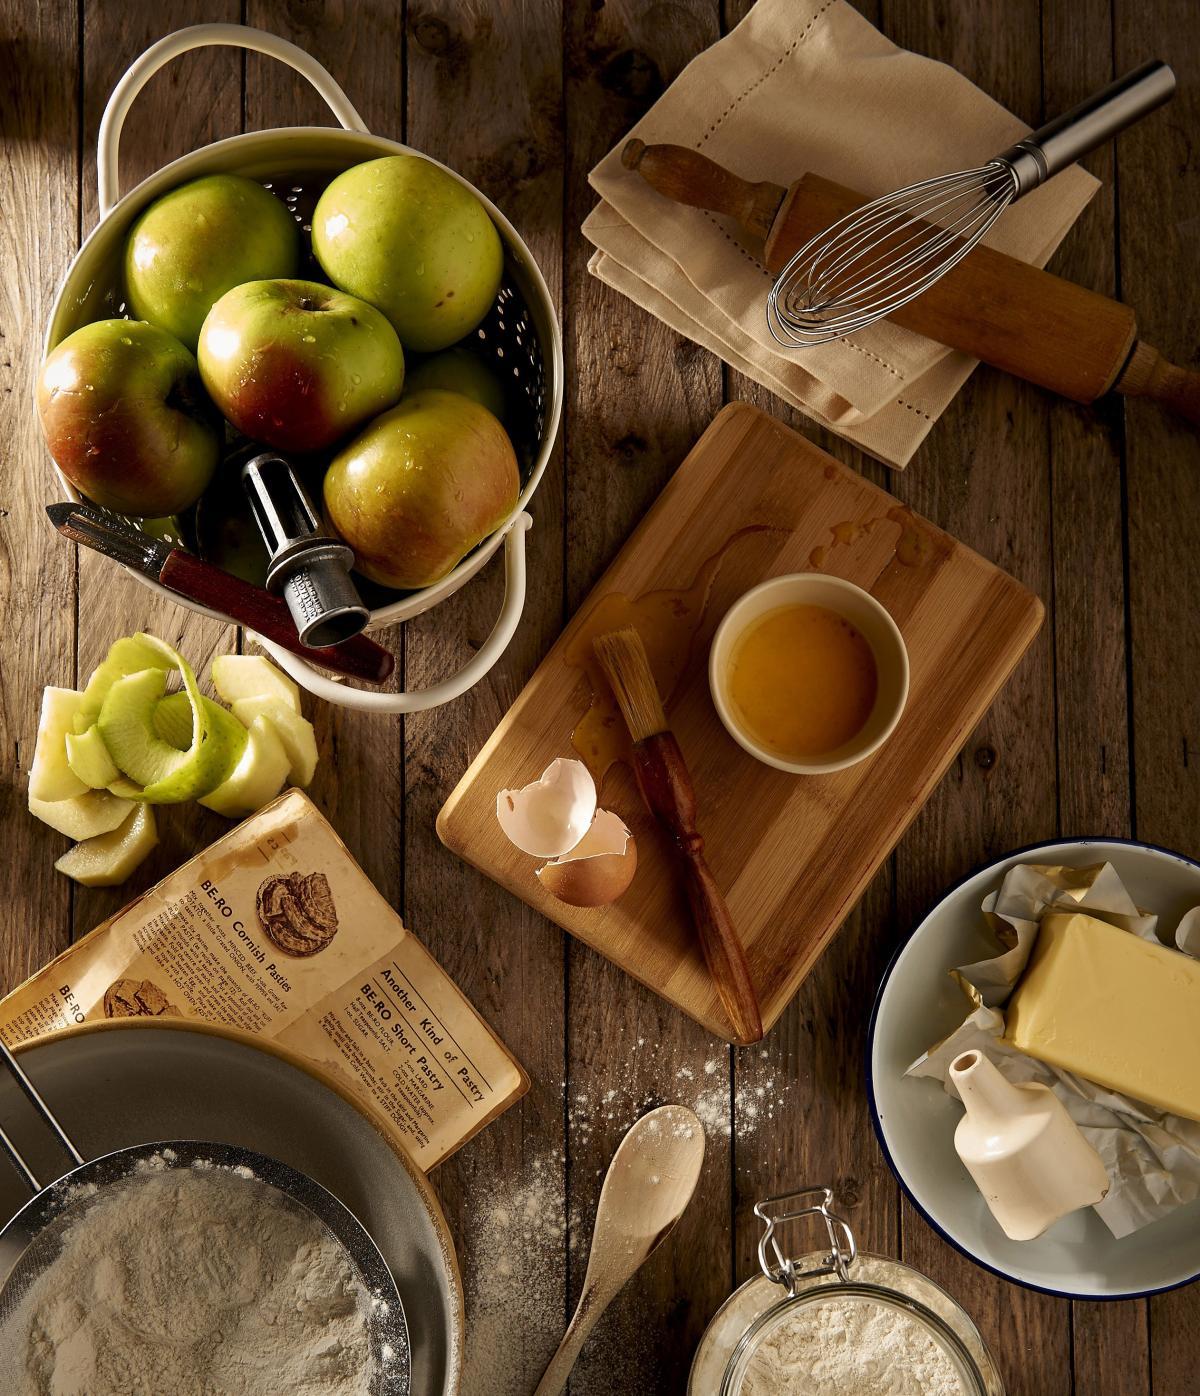 Meilleures pommes pour la cuisson: tarte aux pommes, croustillant, compote de pommes, cidre